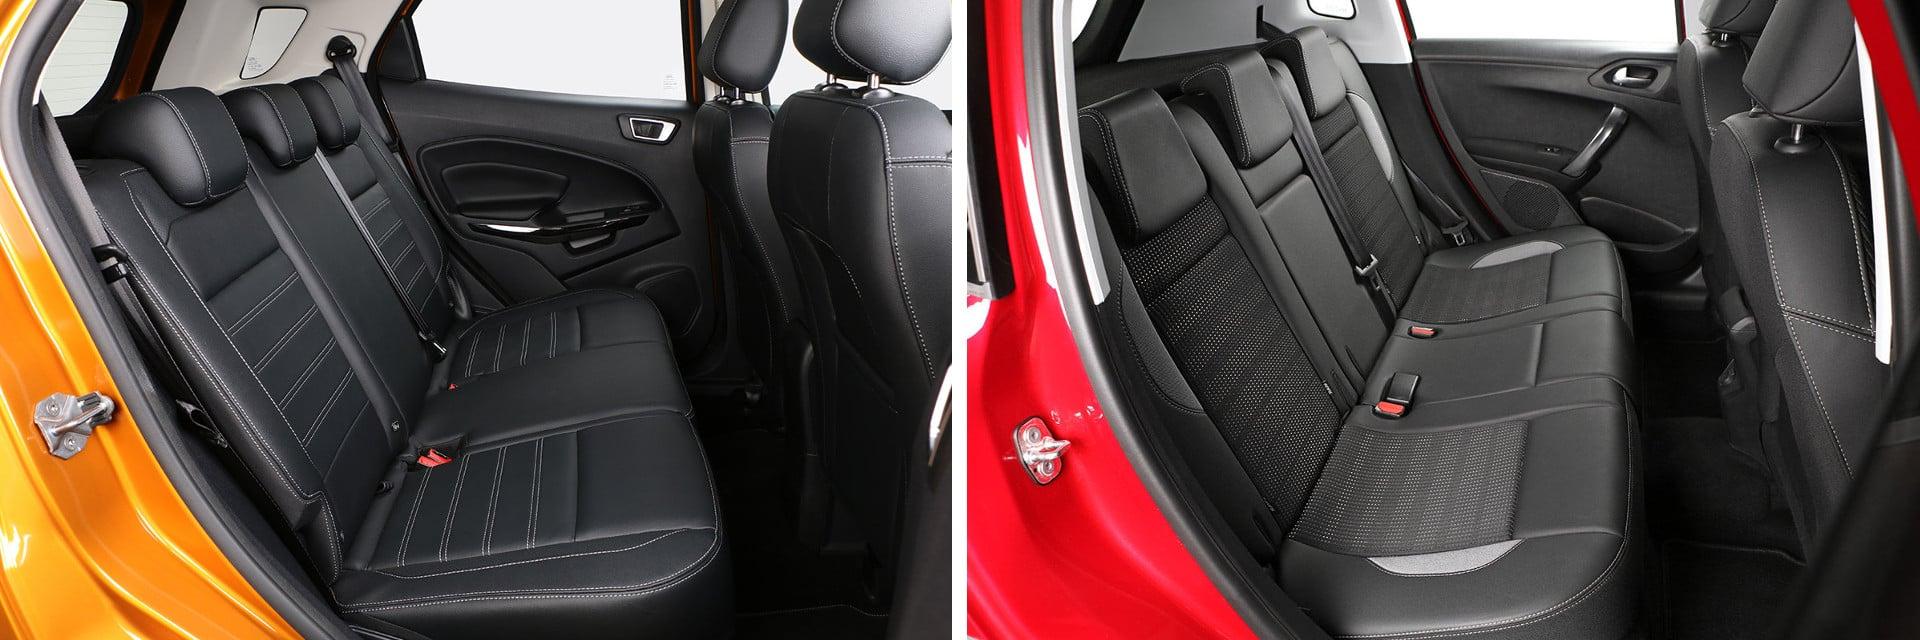 Los pasajeros de las plazas traseras cuentan con más altura y espacio para las piernas en el Peugeot 2008 (dcha.)